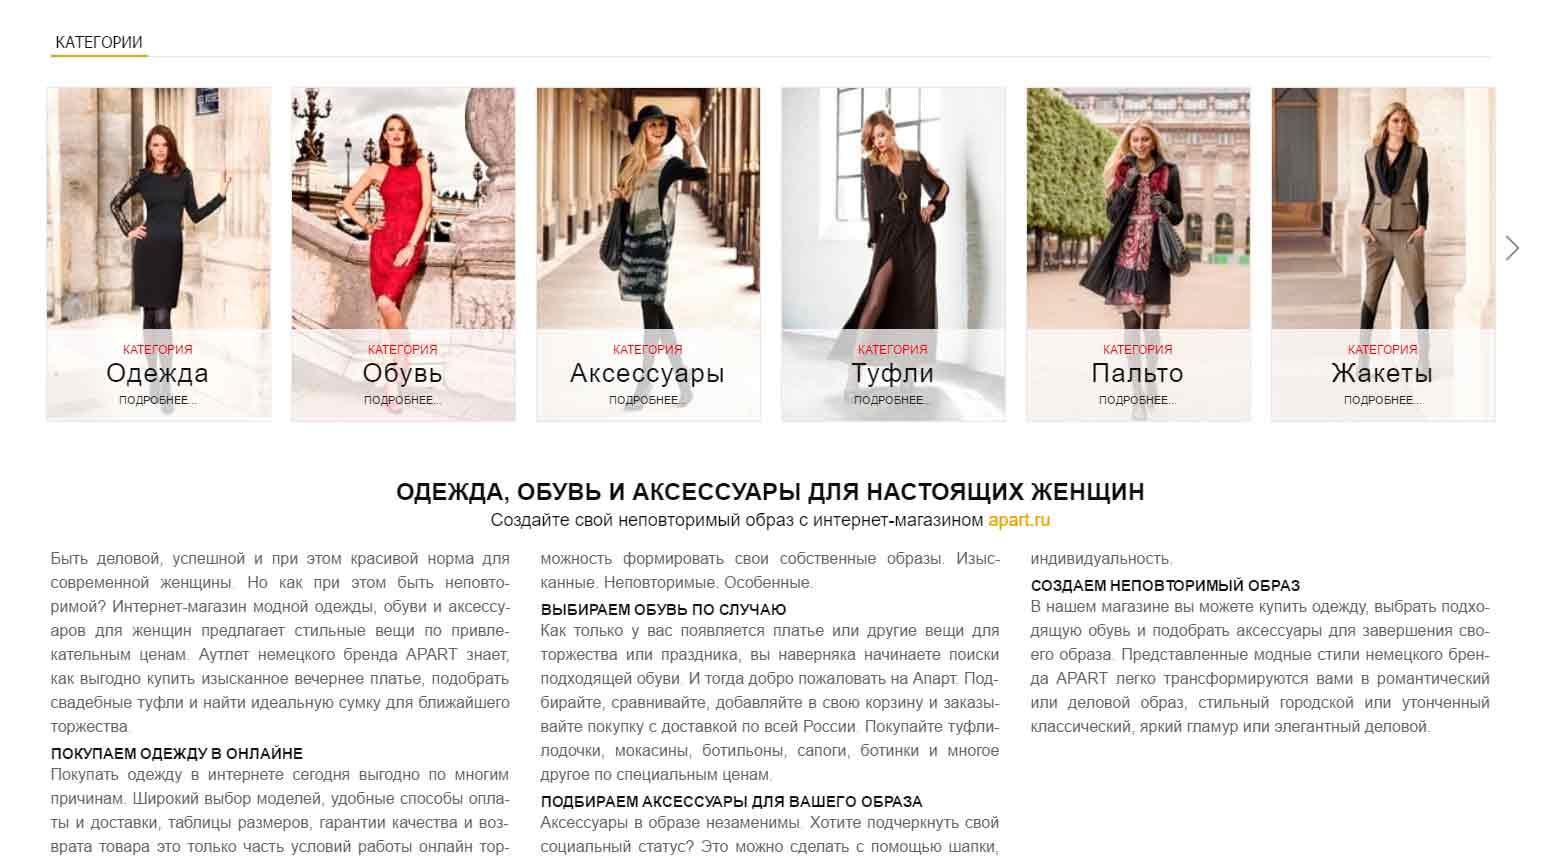 Сайт-модной-одежды-и-аксессуаров